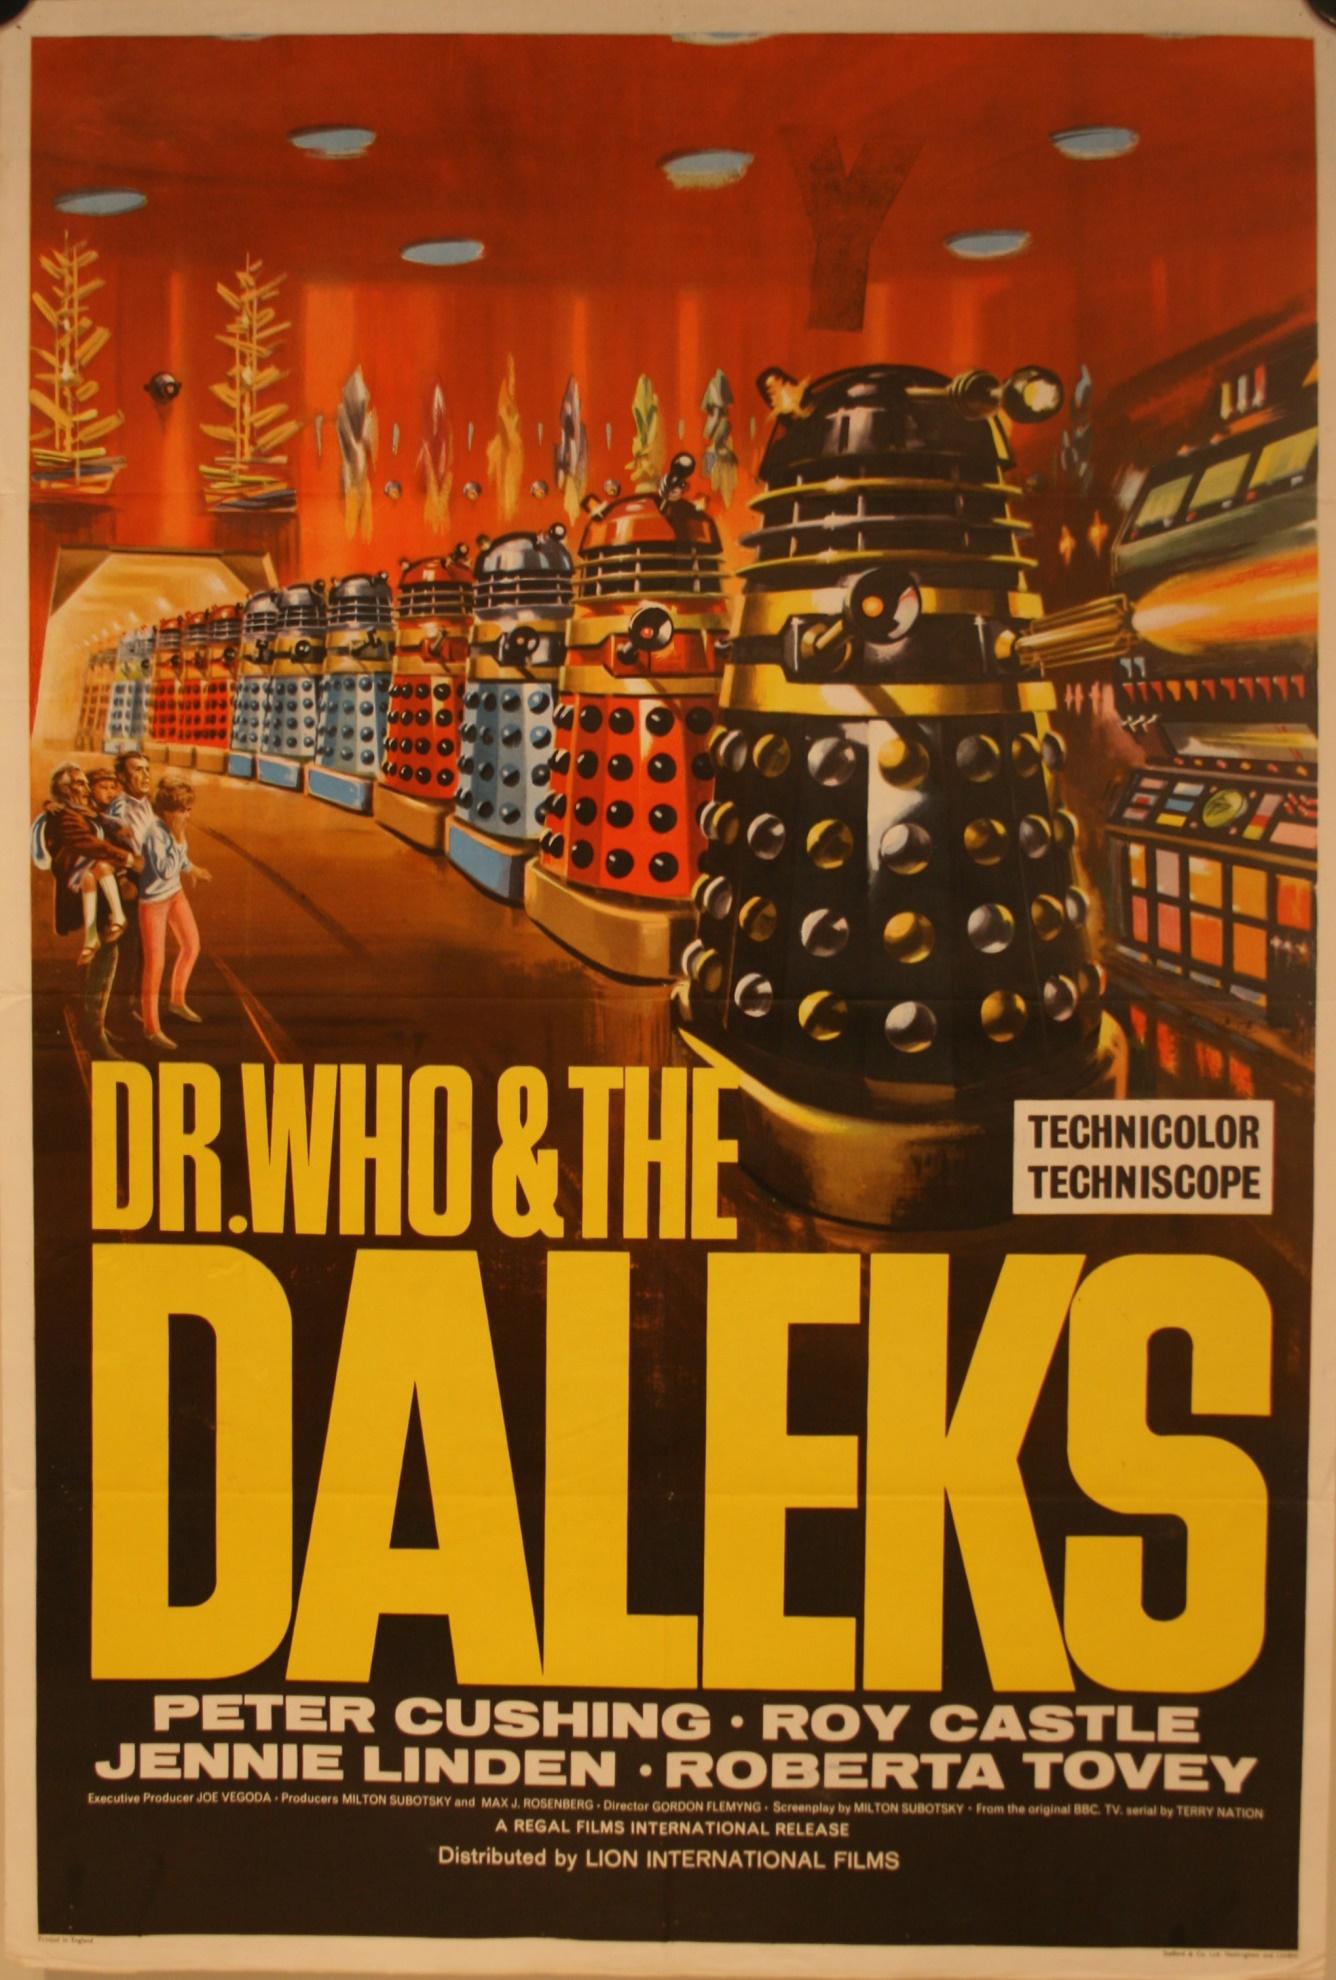 UK One-Sheet Poster